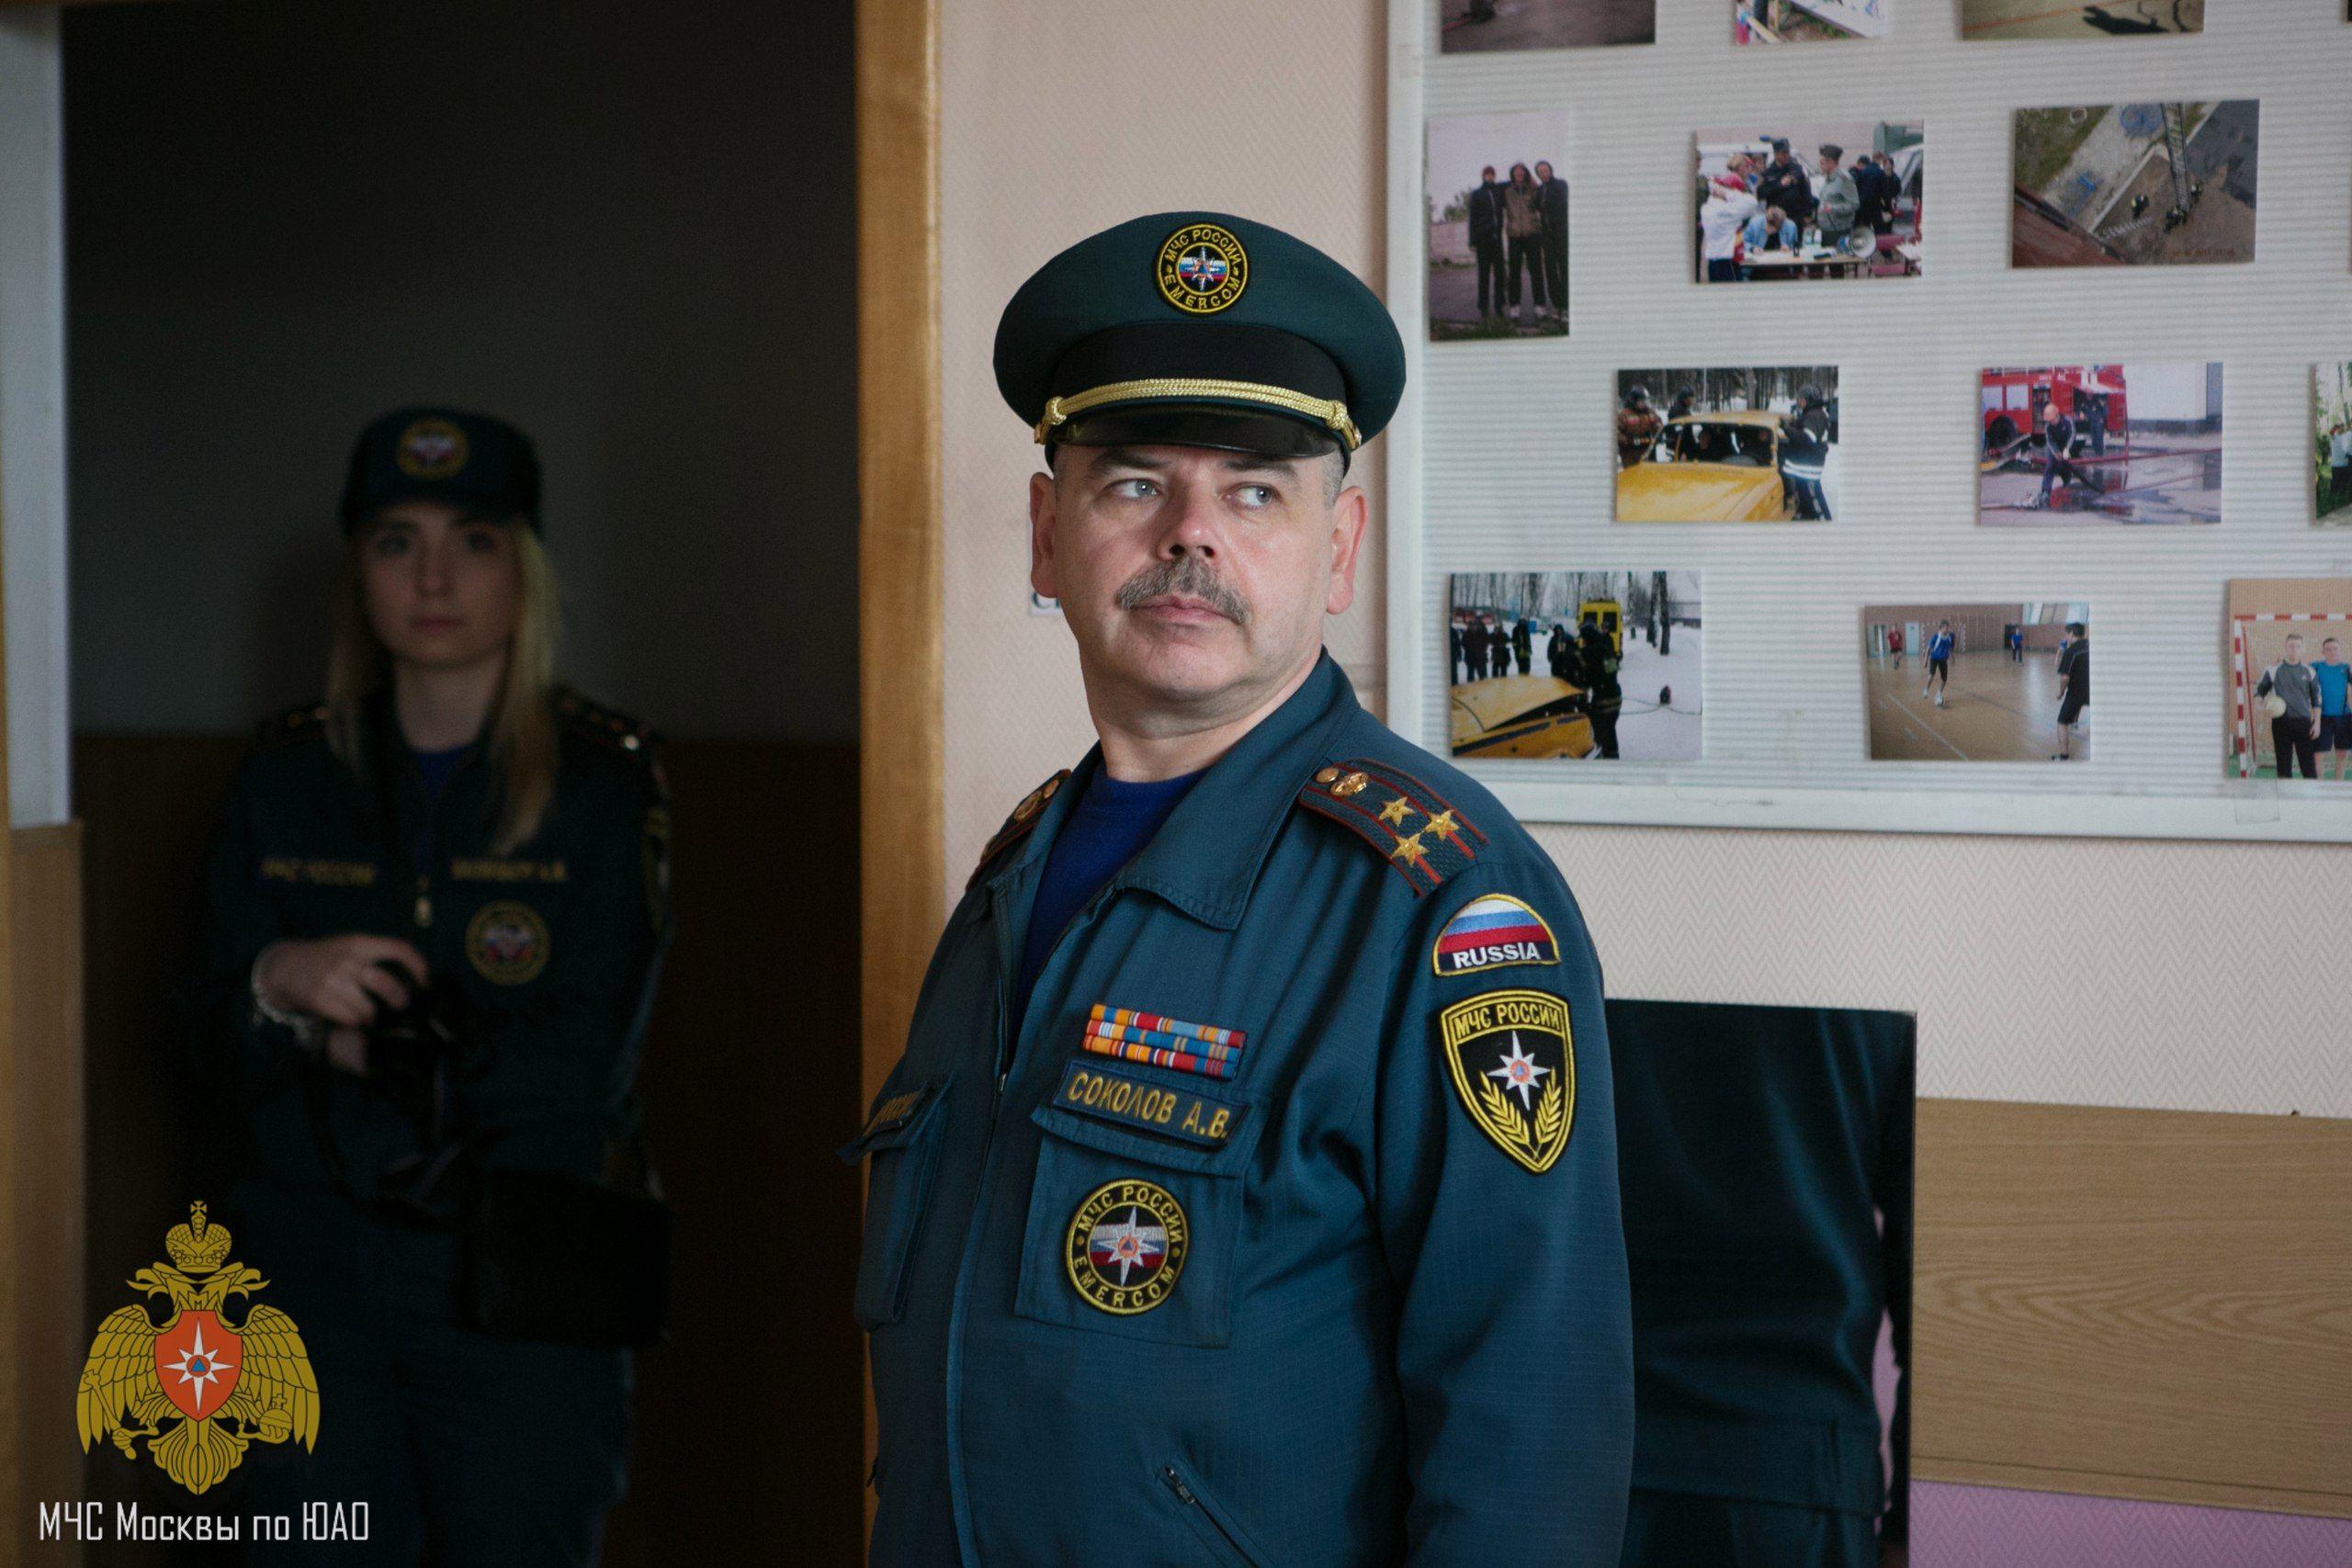 Прямой диалог с начальником 25 ПСО ФПС по г. Москве Алексеем Викторовичем Соколовым